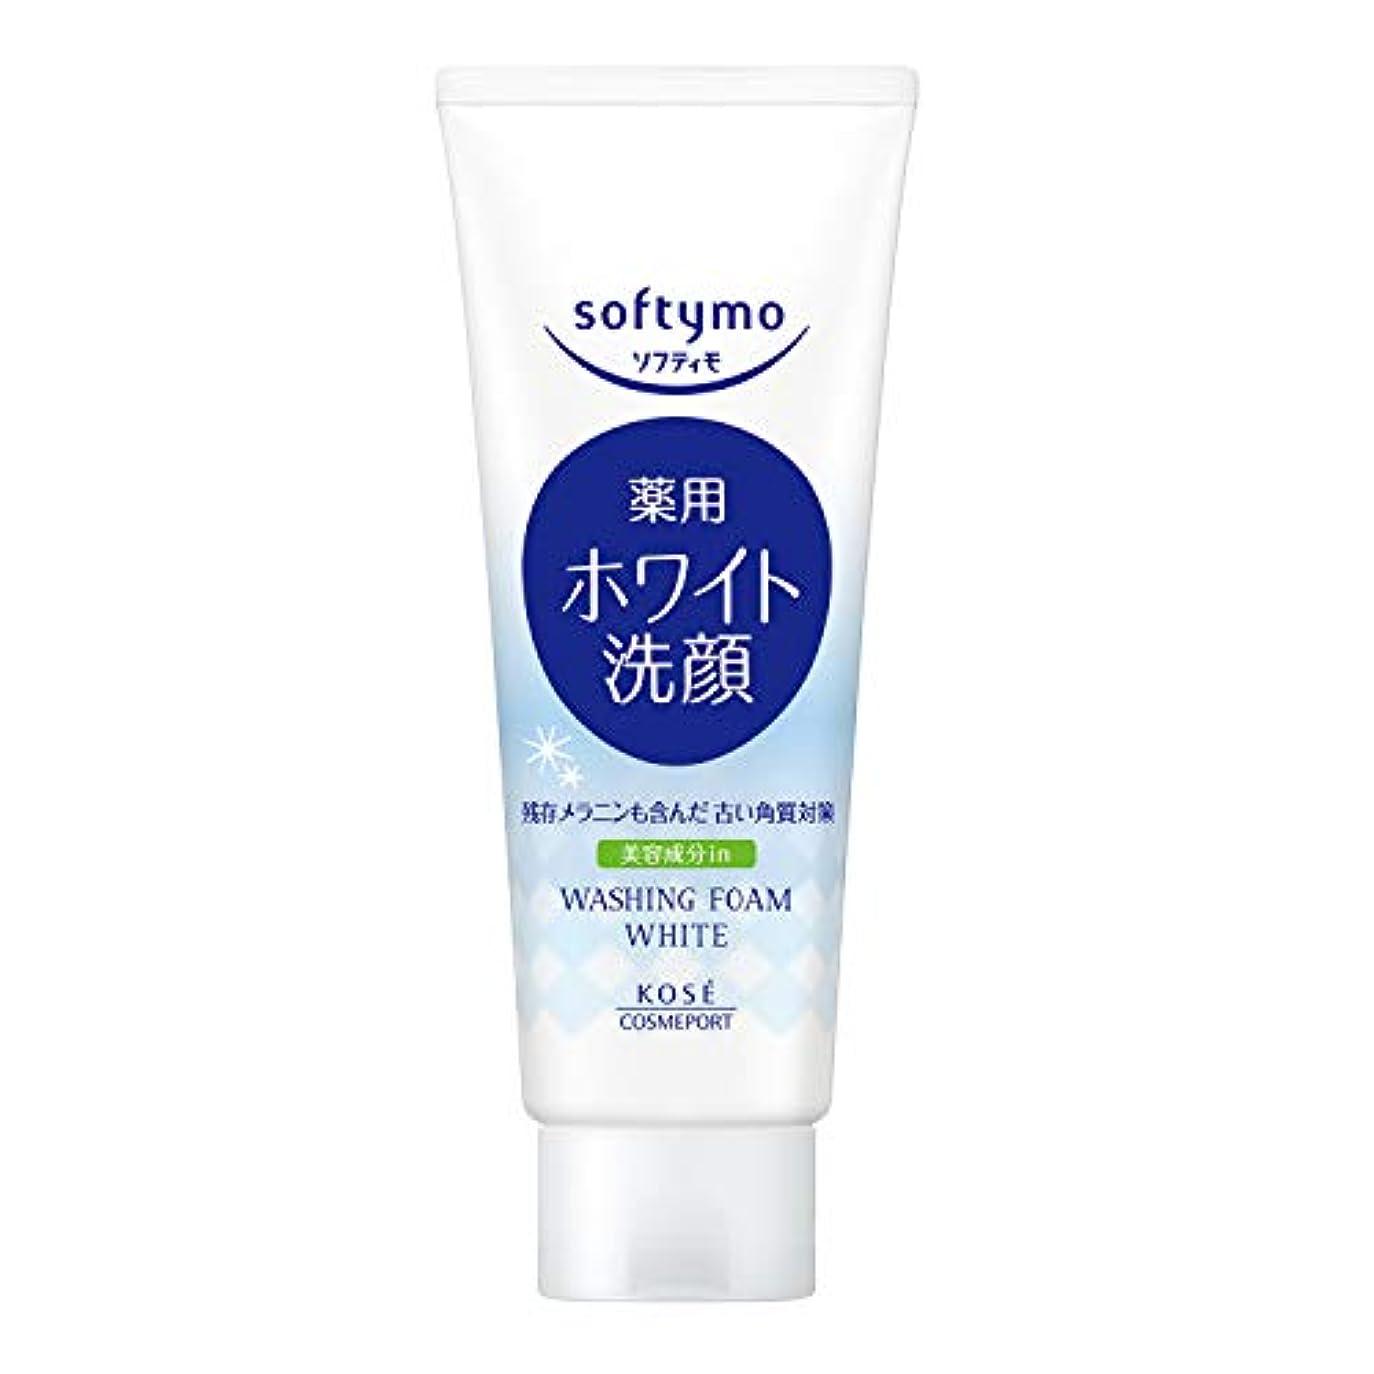 目に見える蓄積する見込みKOSE コーセー ソフティモ ホワイト 薬用洗顔フォーム 150g (医薬部外品)